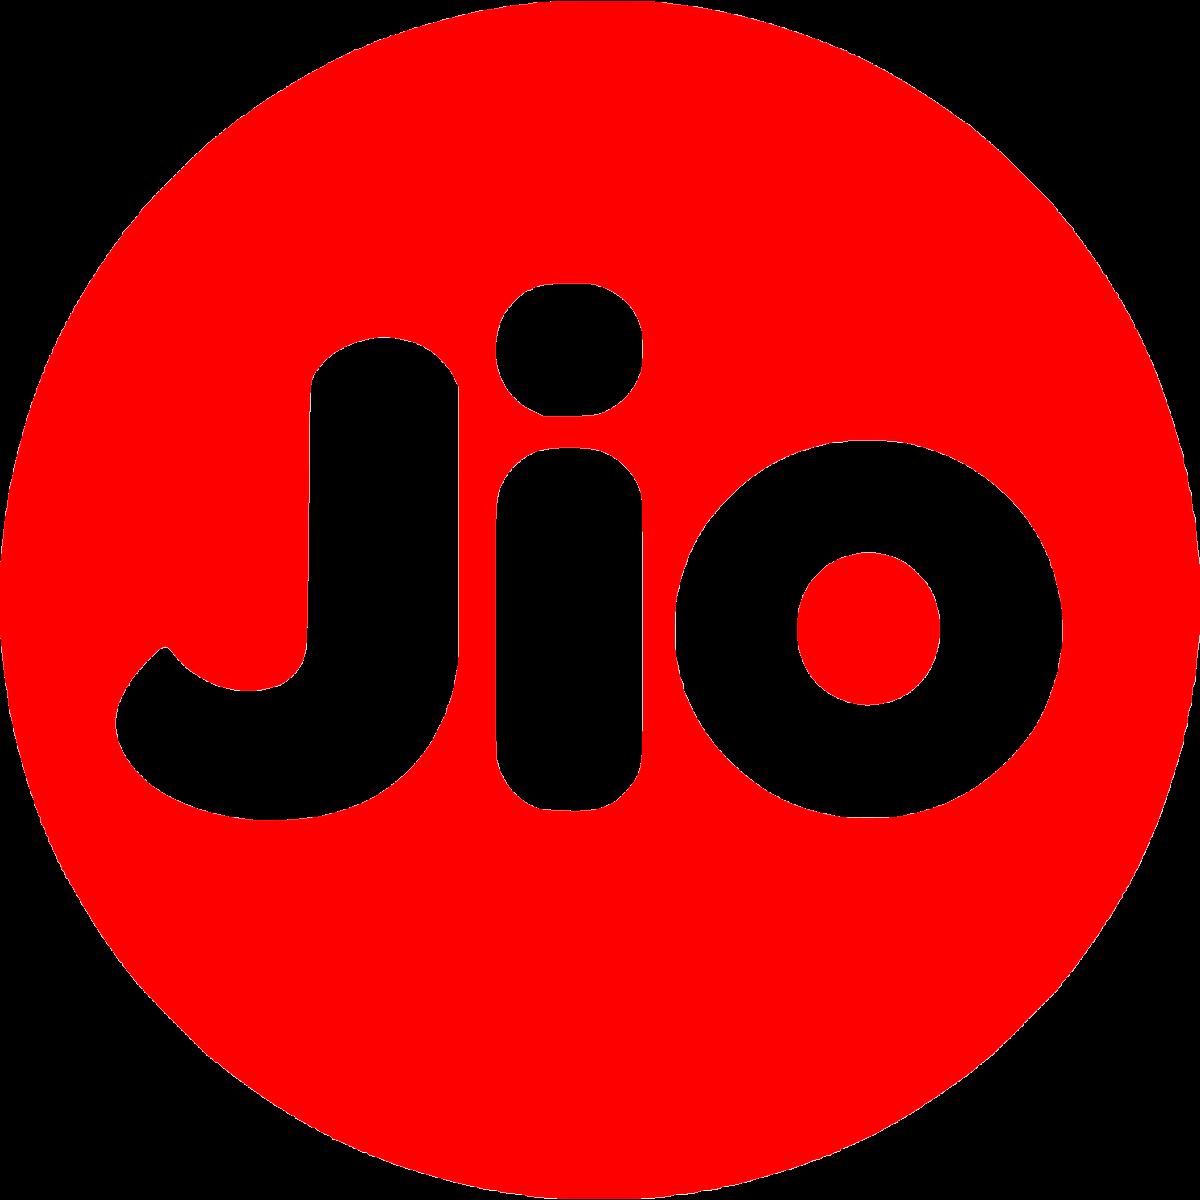 Jio Logo png